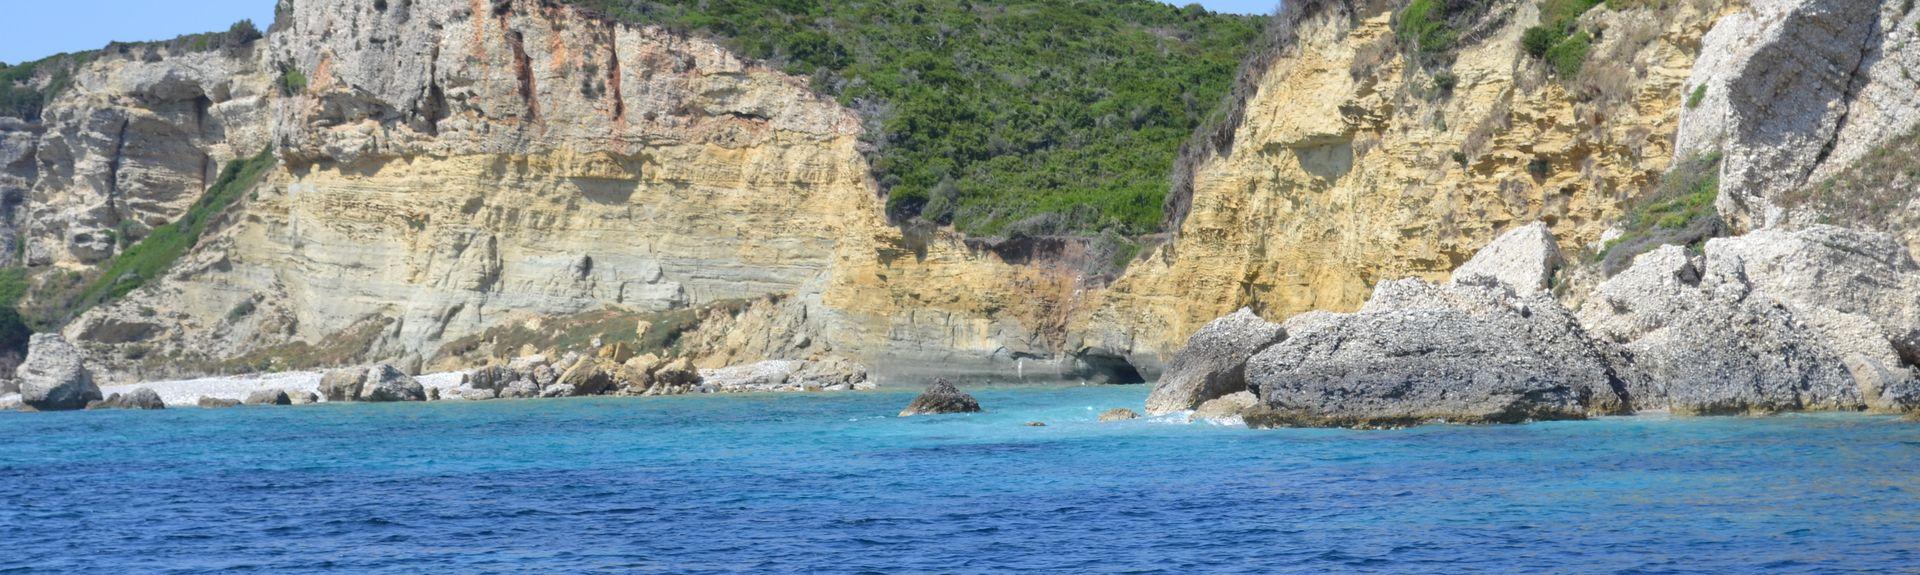 Karousades, Administração Descentralizada do Peloponeso, Grécia Ocidental e Ilhas Jónicas, Grécia